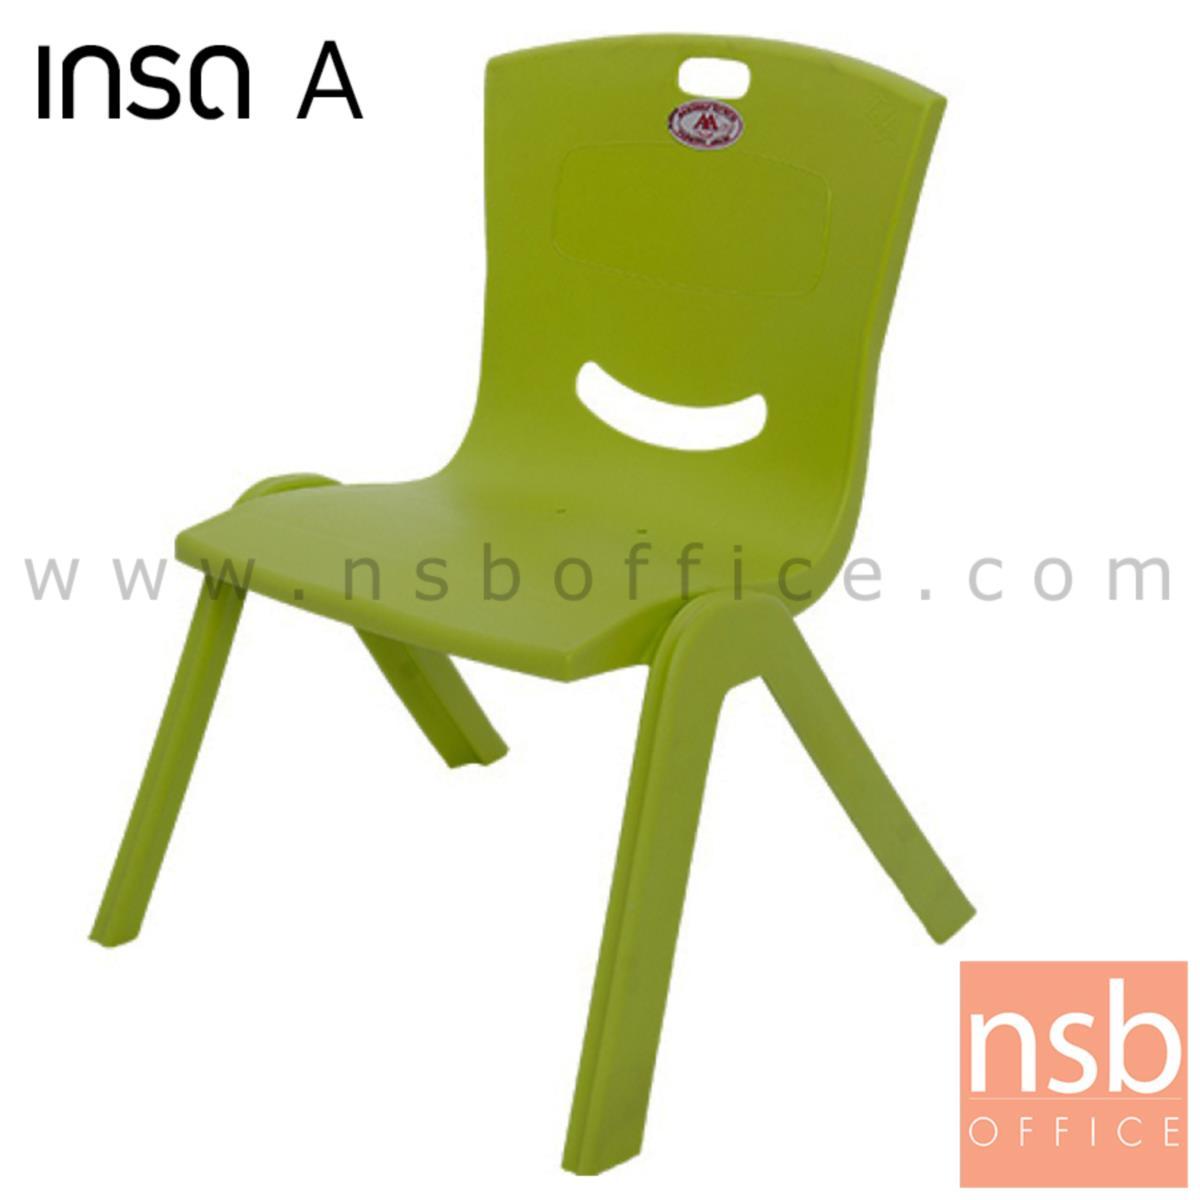 เก้าอี้พลาสติกสำหรับเด็ก รุ่น BEBY-TEDDY_CHAIR (พลาสติกเกรด A)